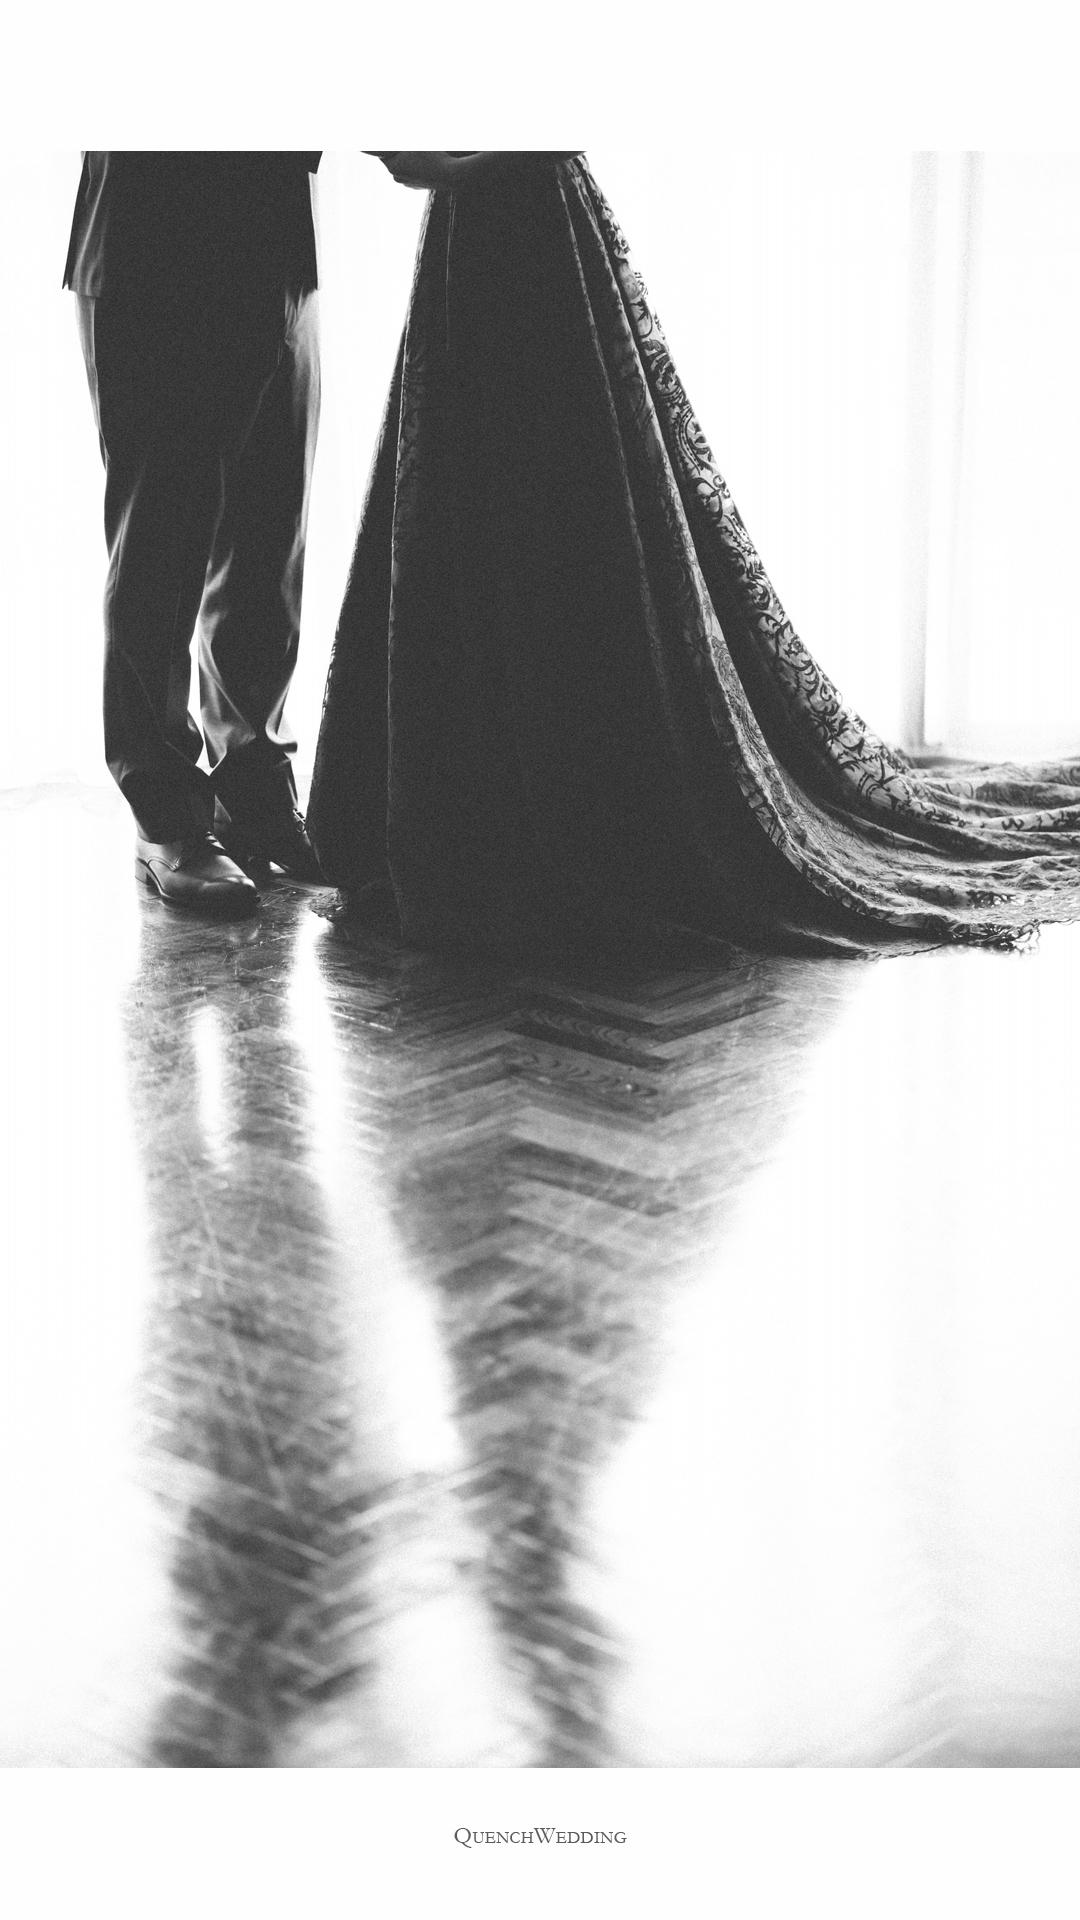 婚攝 高雄圓山飯店,婚攝,婚禮,周品汝,莉莉周,高雄婚攝